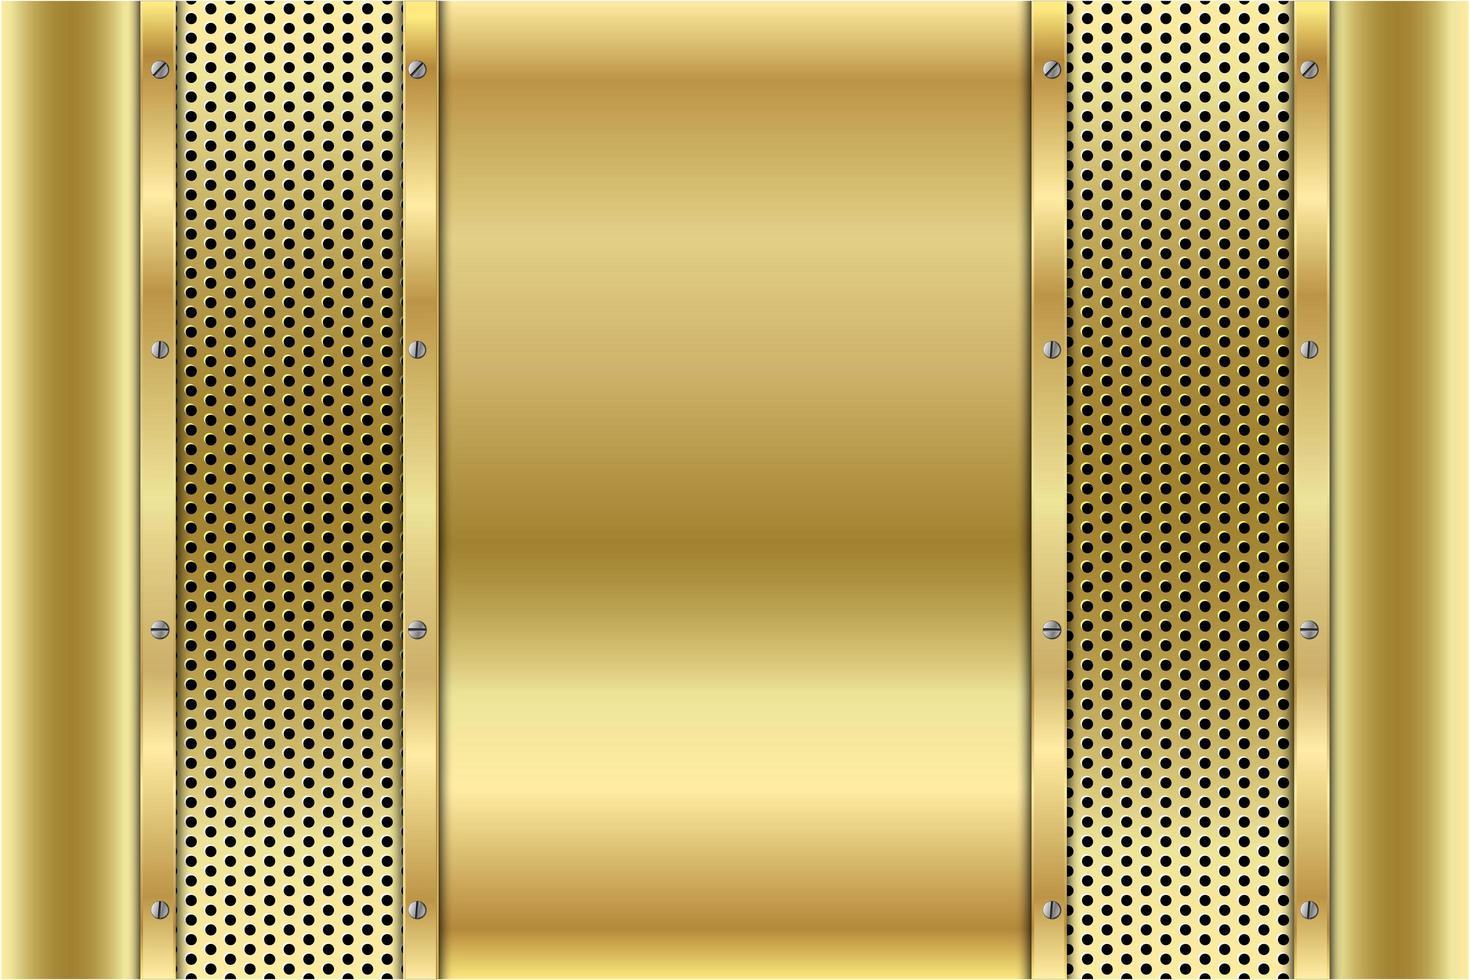 metalliska guldpaneler med skruvar på perforerad konsistens vektor